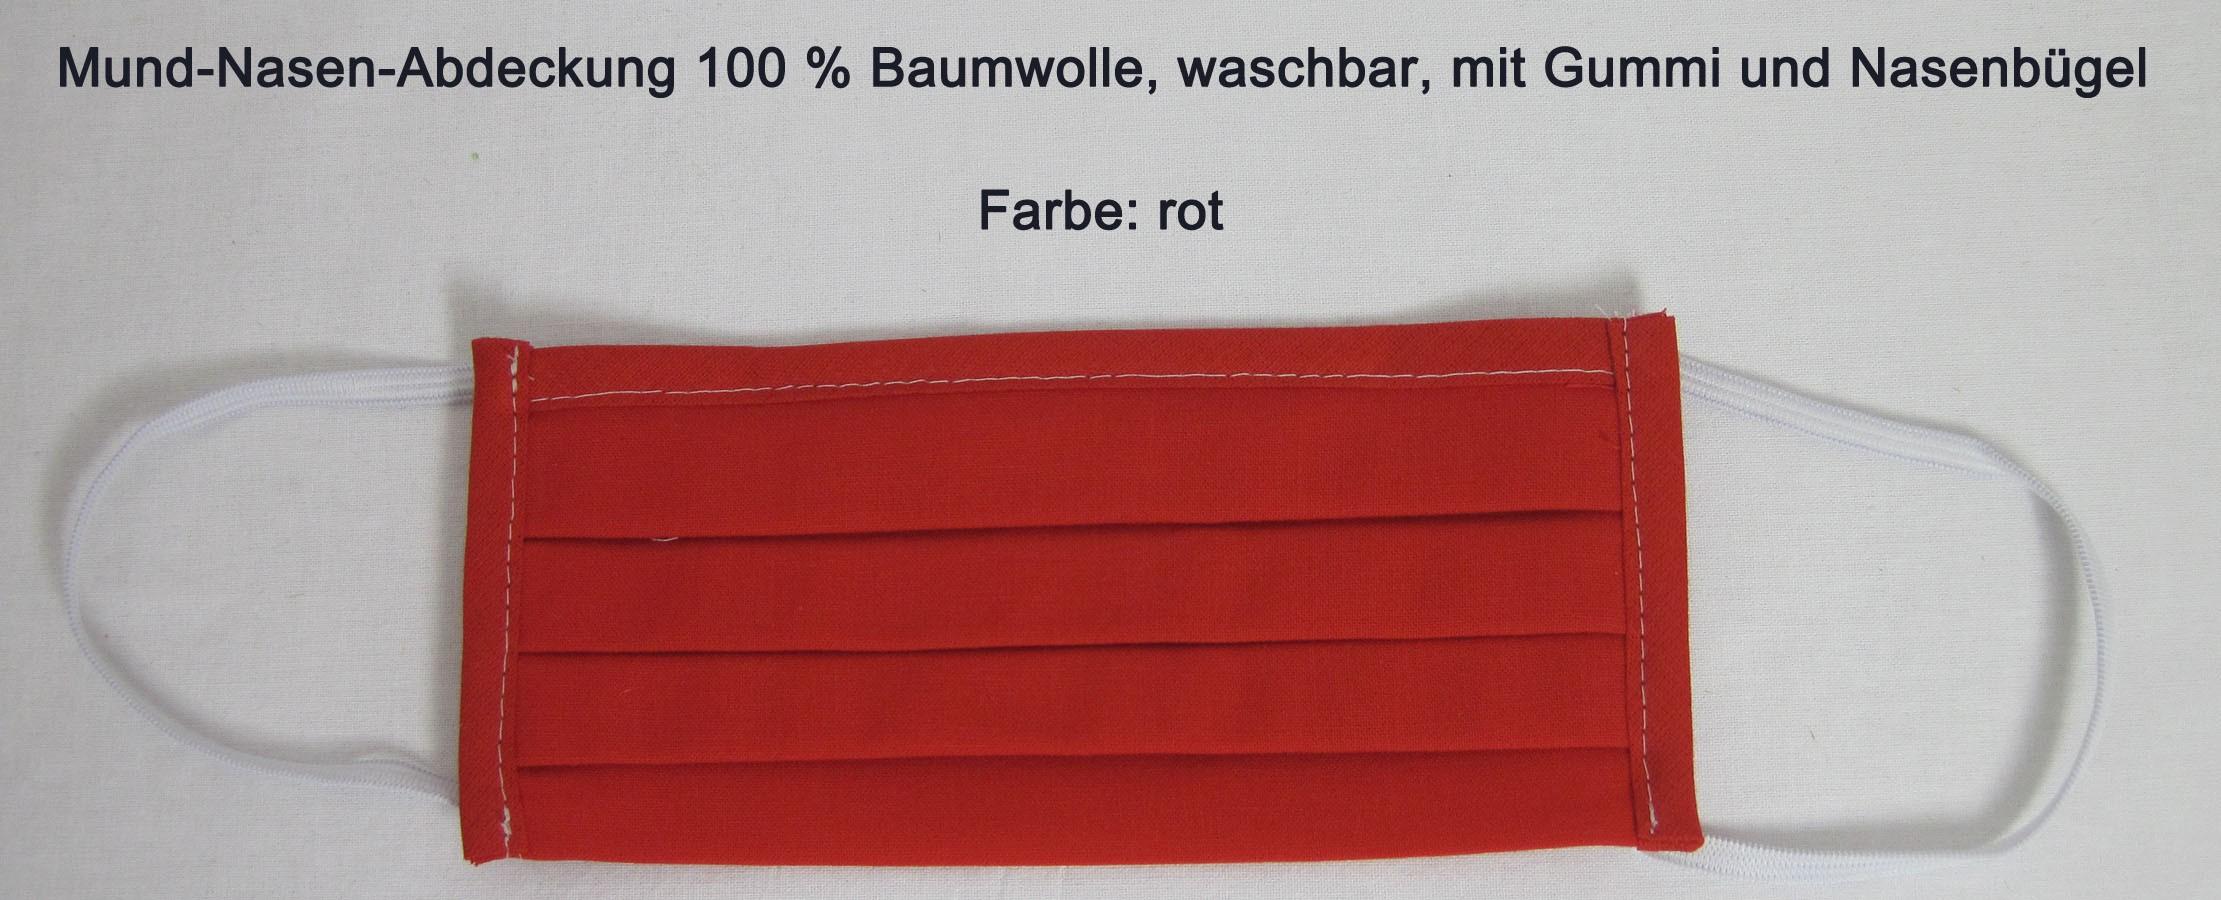 Waschbare Mund-Nasen-Abdeckung aus 100 % Bw ca. 17x10 cm rot mit Gummi